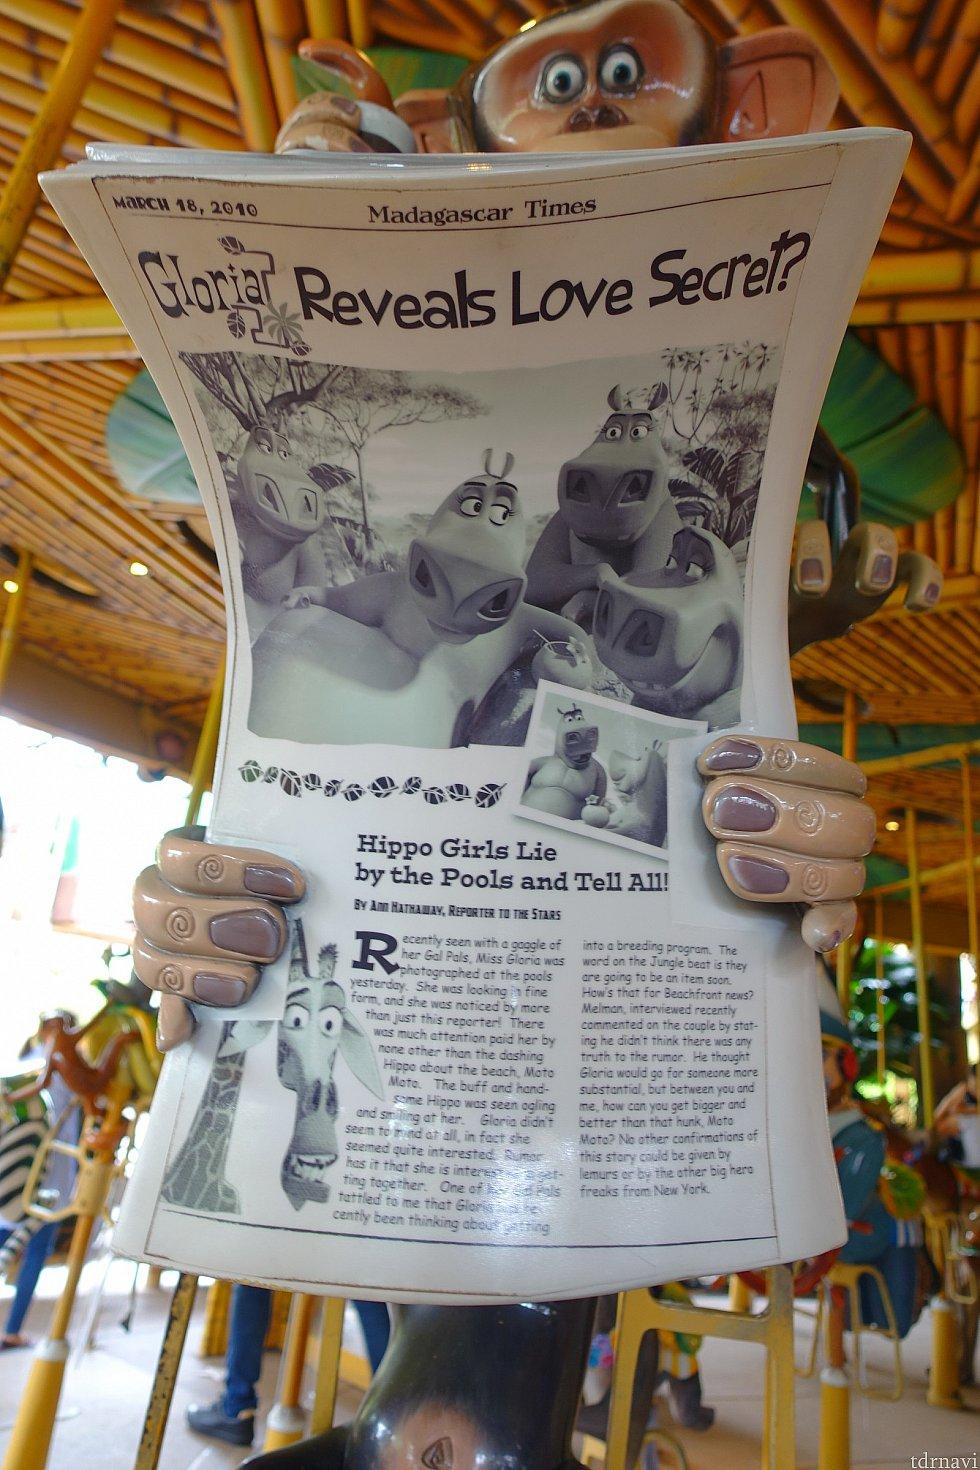 新聞を読むサル!新聞の内容は『マダガスカル2』の内容みたい。